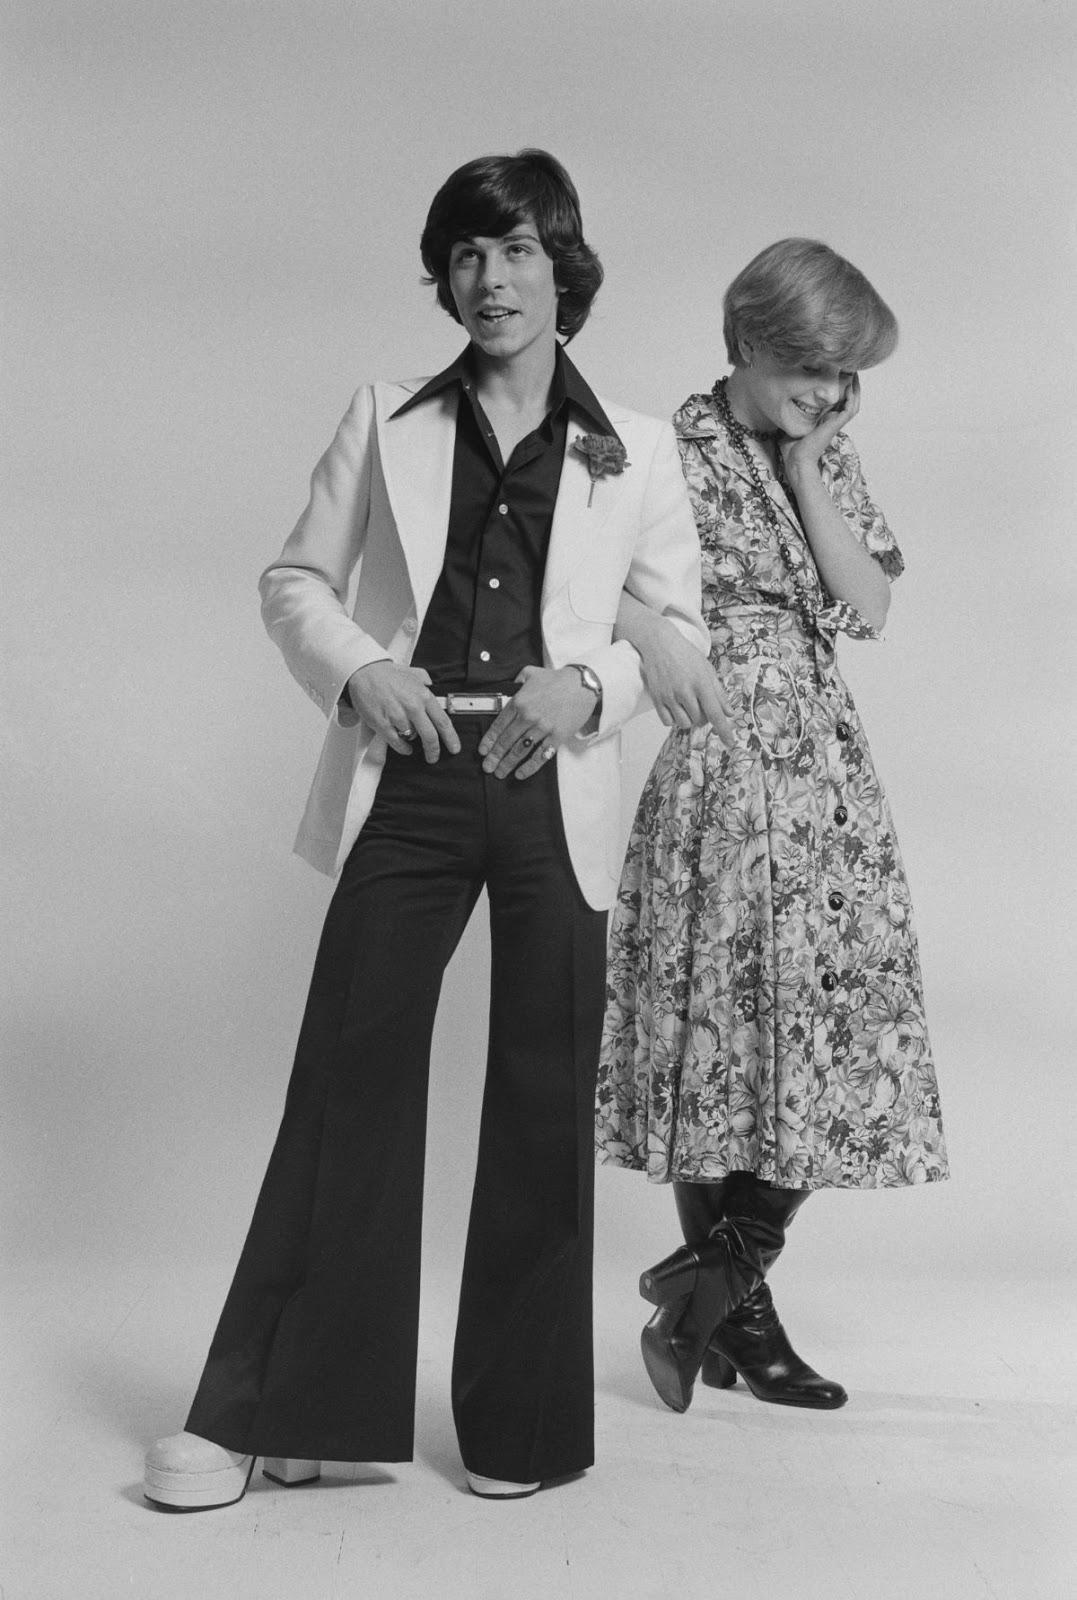 17 модных трендов 70-х, которые ушли и обещали не возвращаться